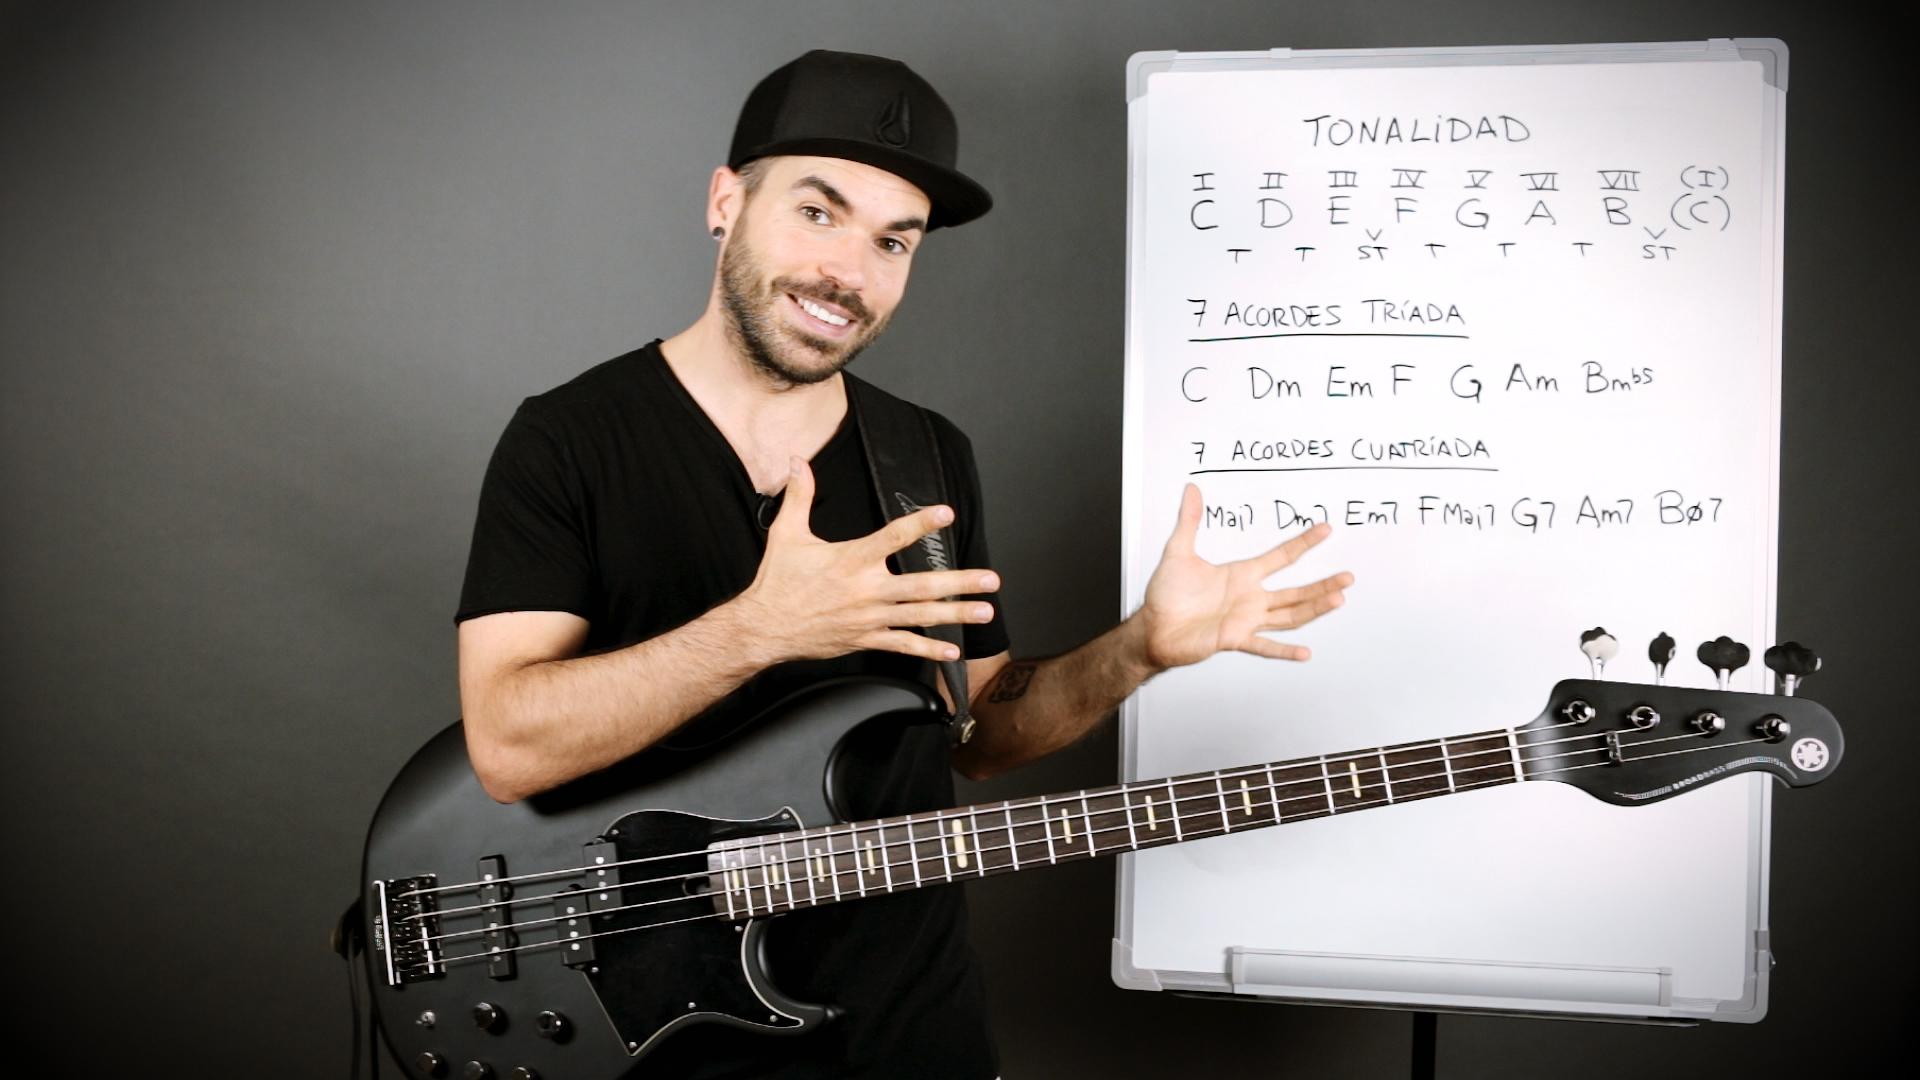 La tonalidad: los 7 acordes diatónicos